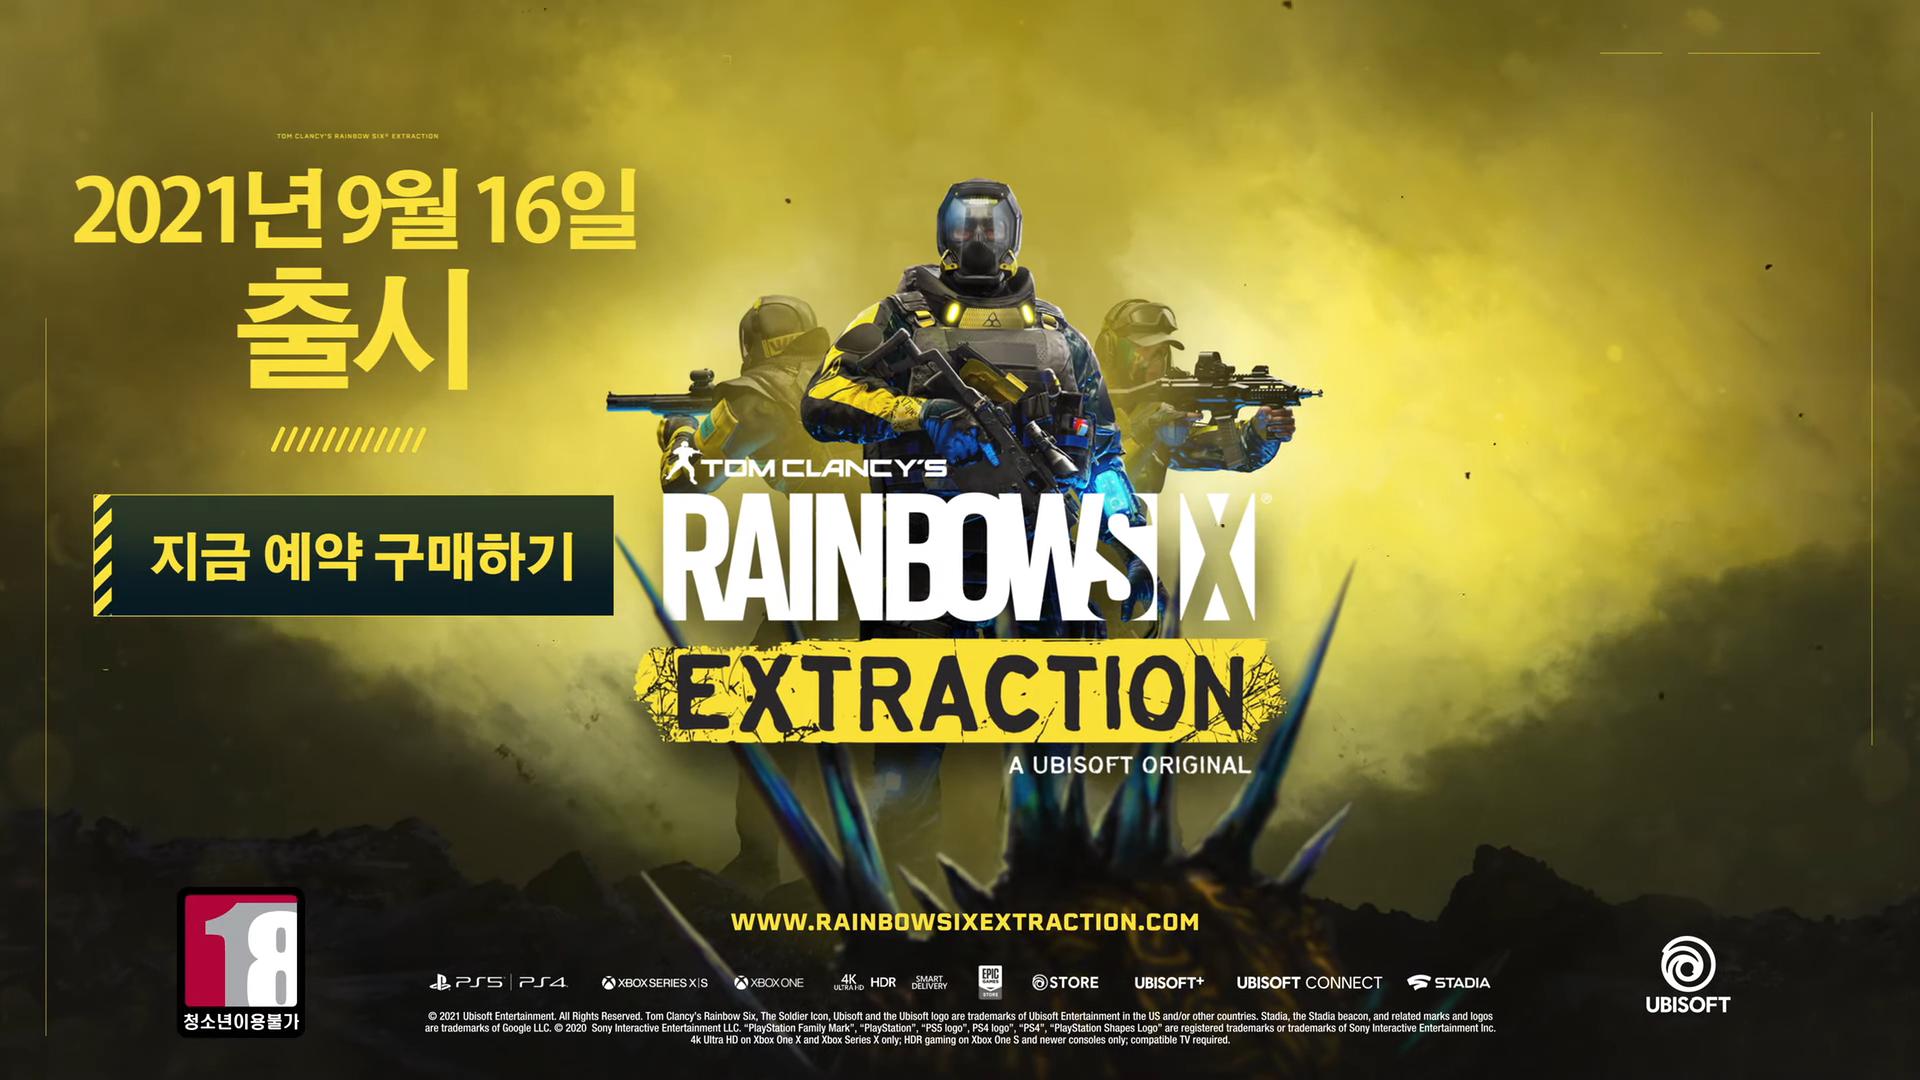 공개 시네마틱 트레일러 _ 레인보우 식스 익스트랙션 3-34 screenshot.png